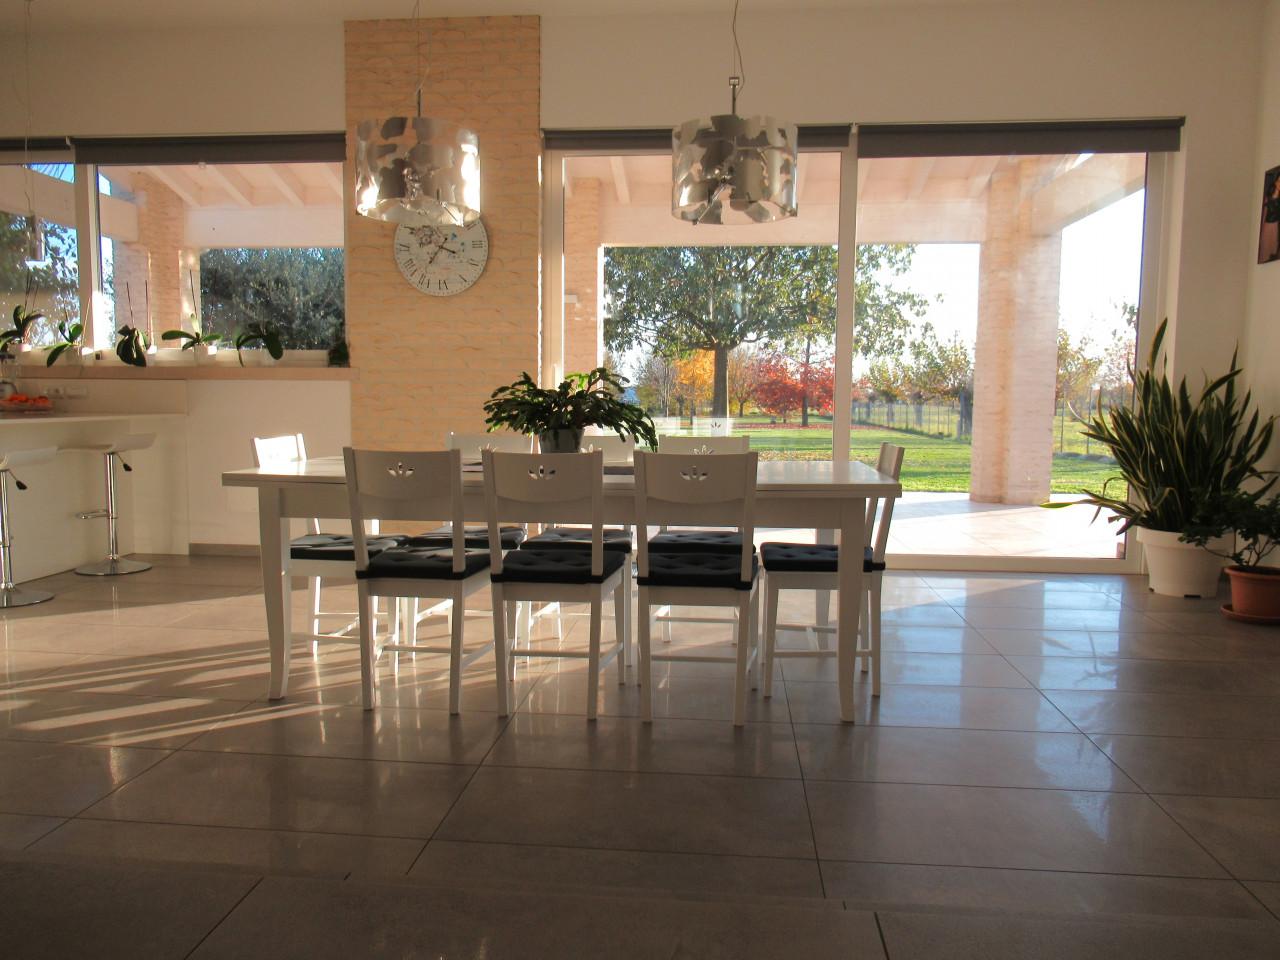 Elegante villa singola - 4 camere 3 bagni 2500 mq giardino - MONTEBELLUNA (TV)